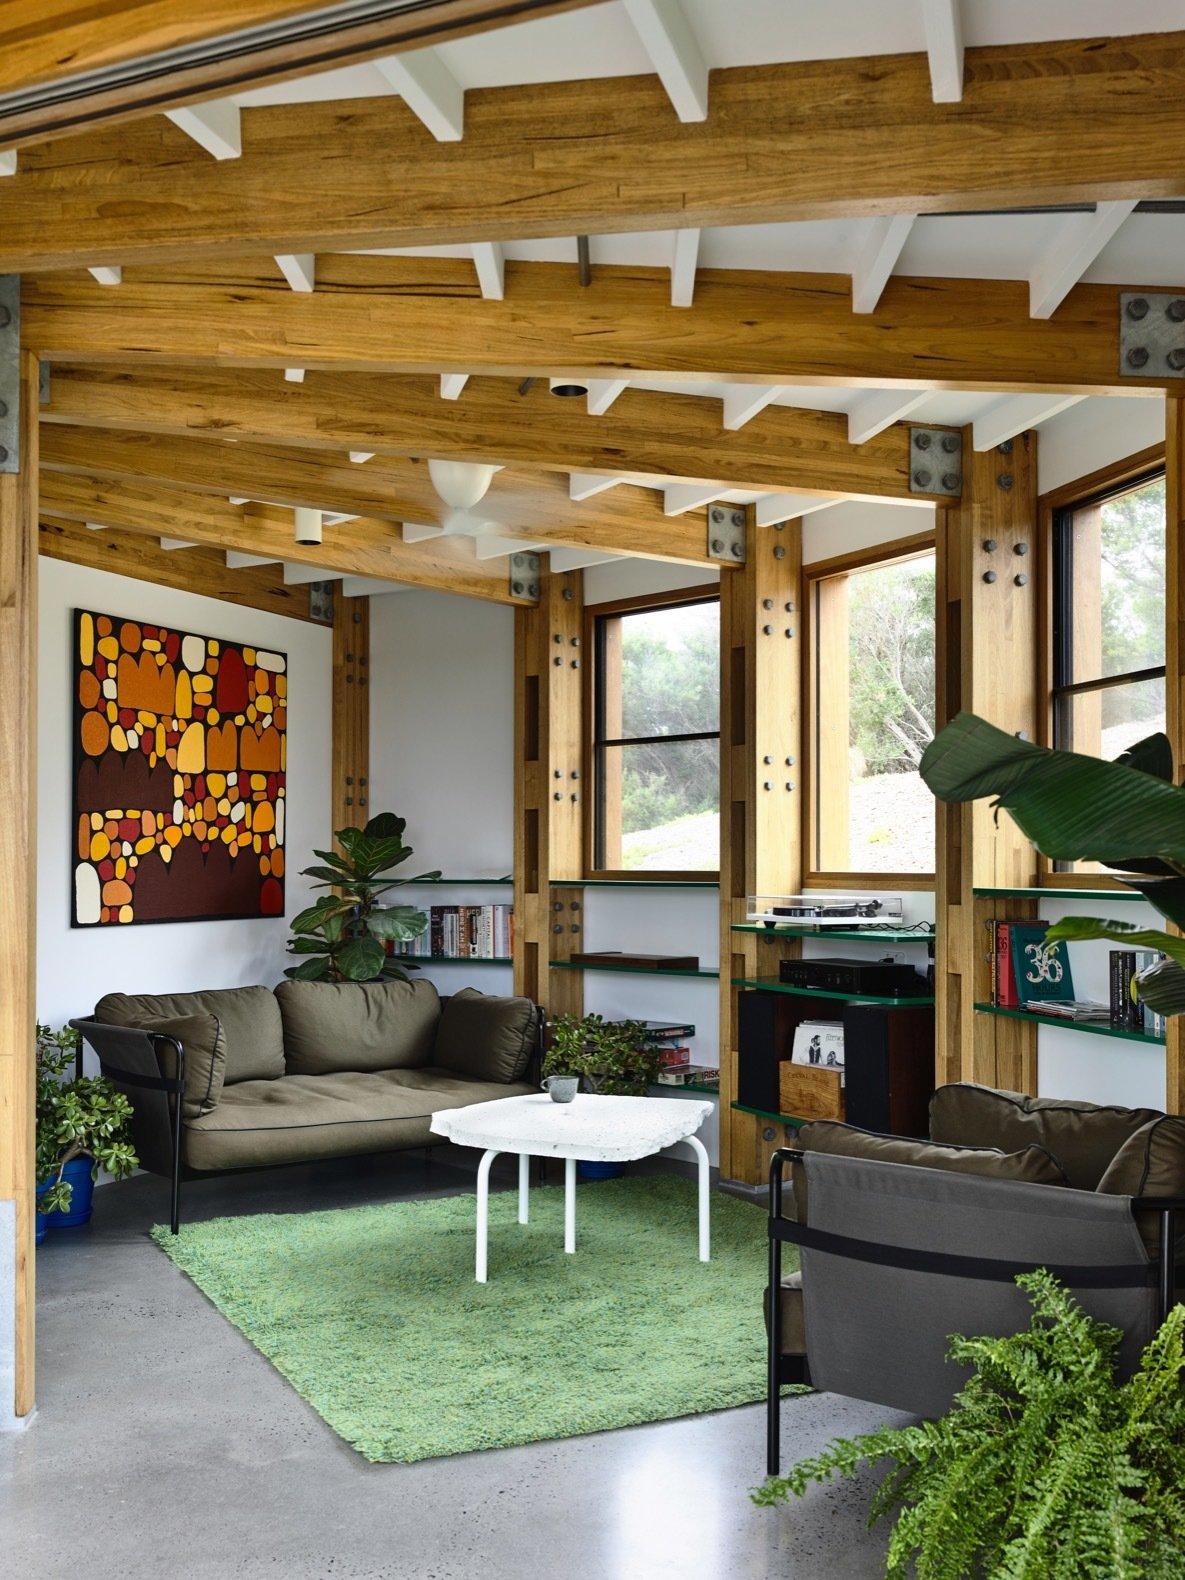 St Andrews Beach House living room